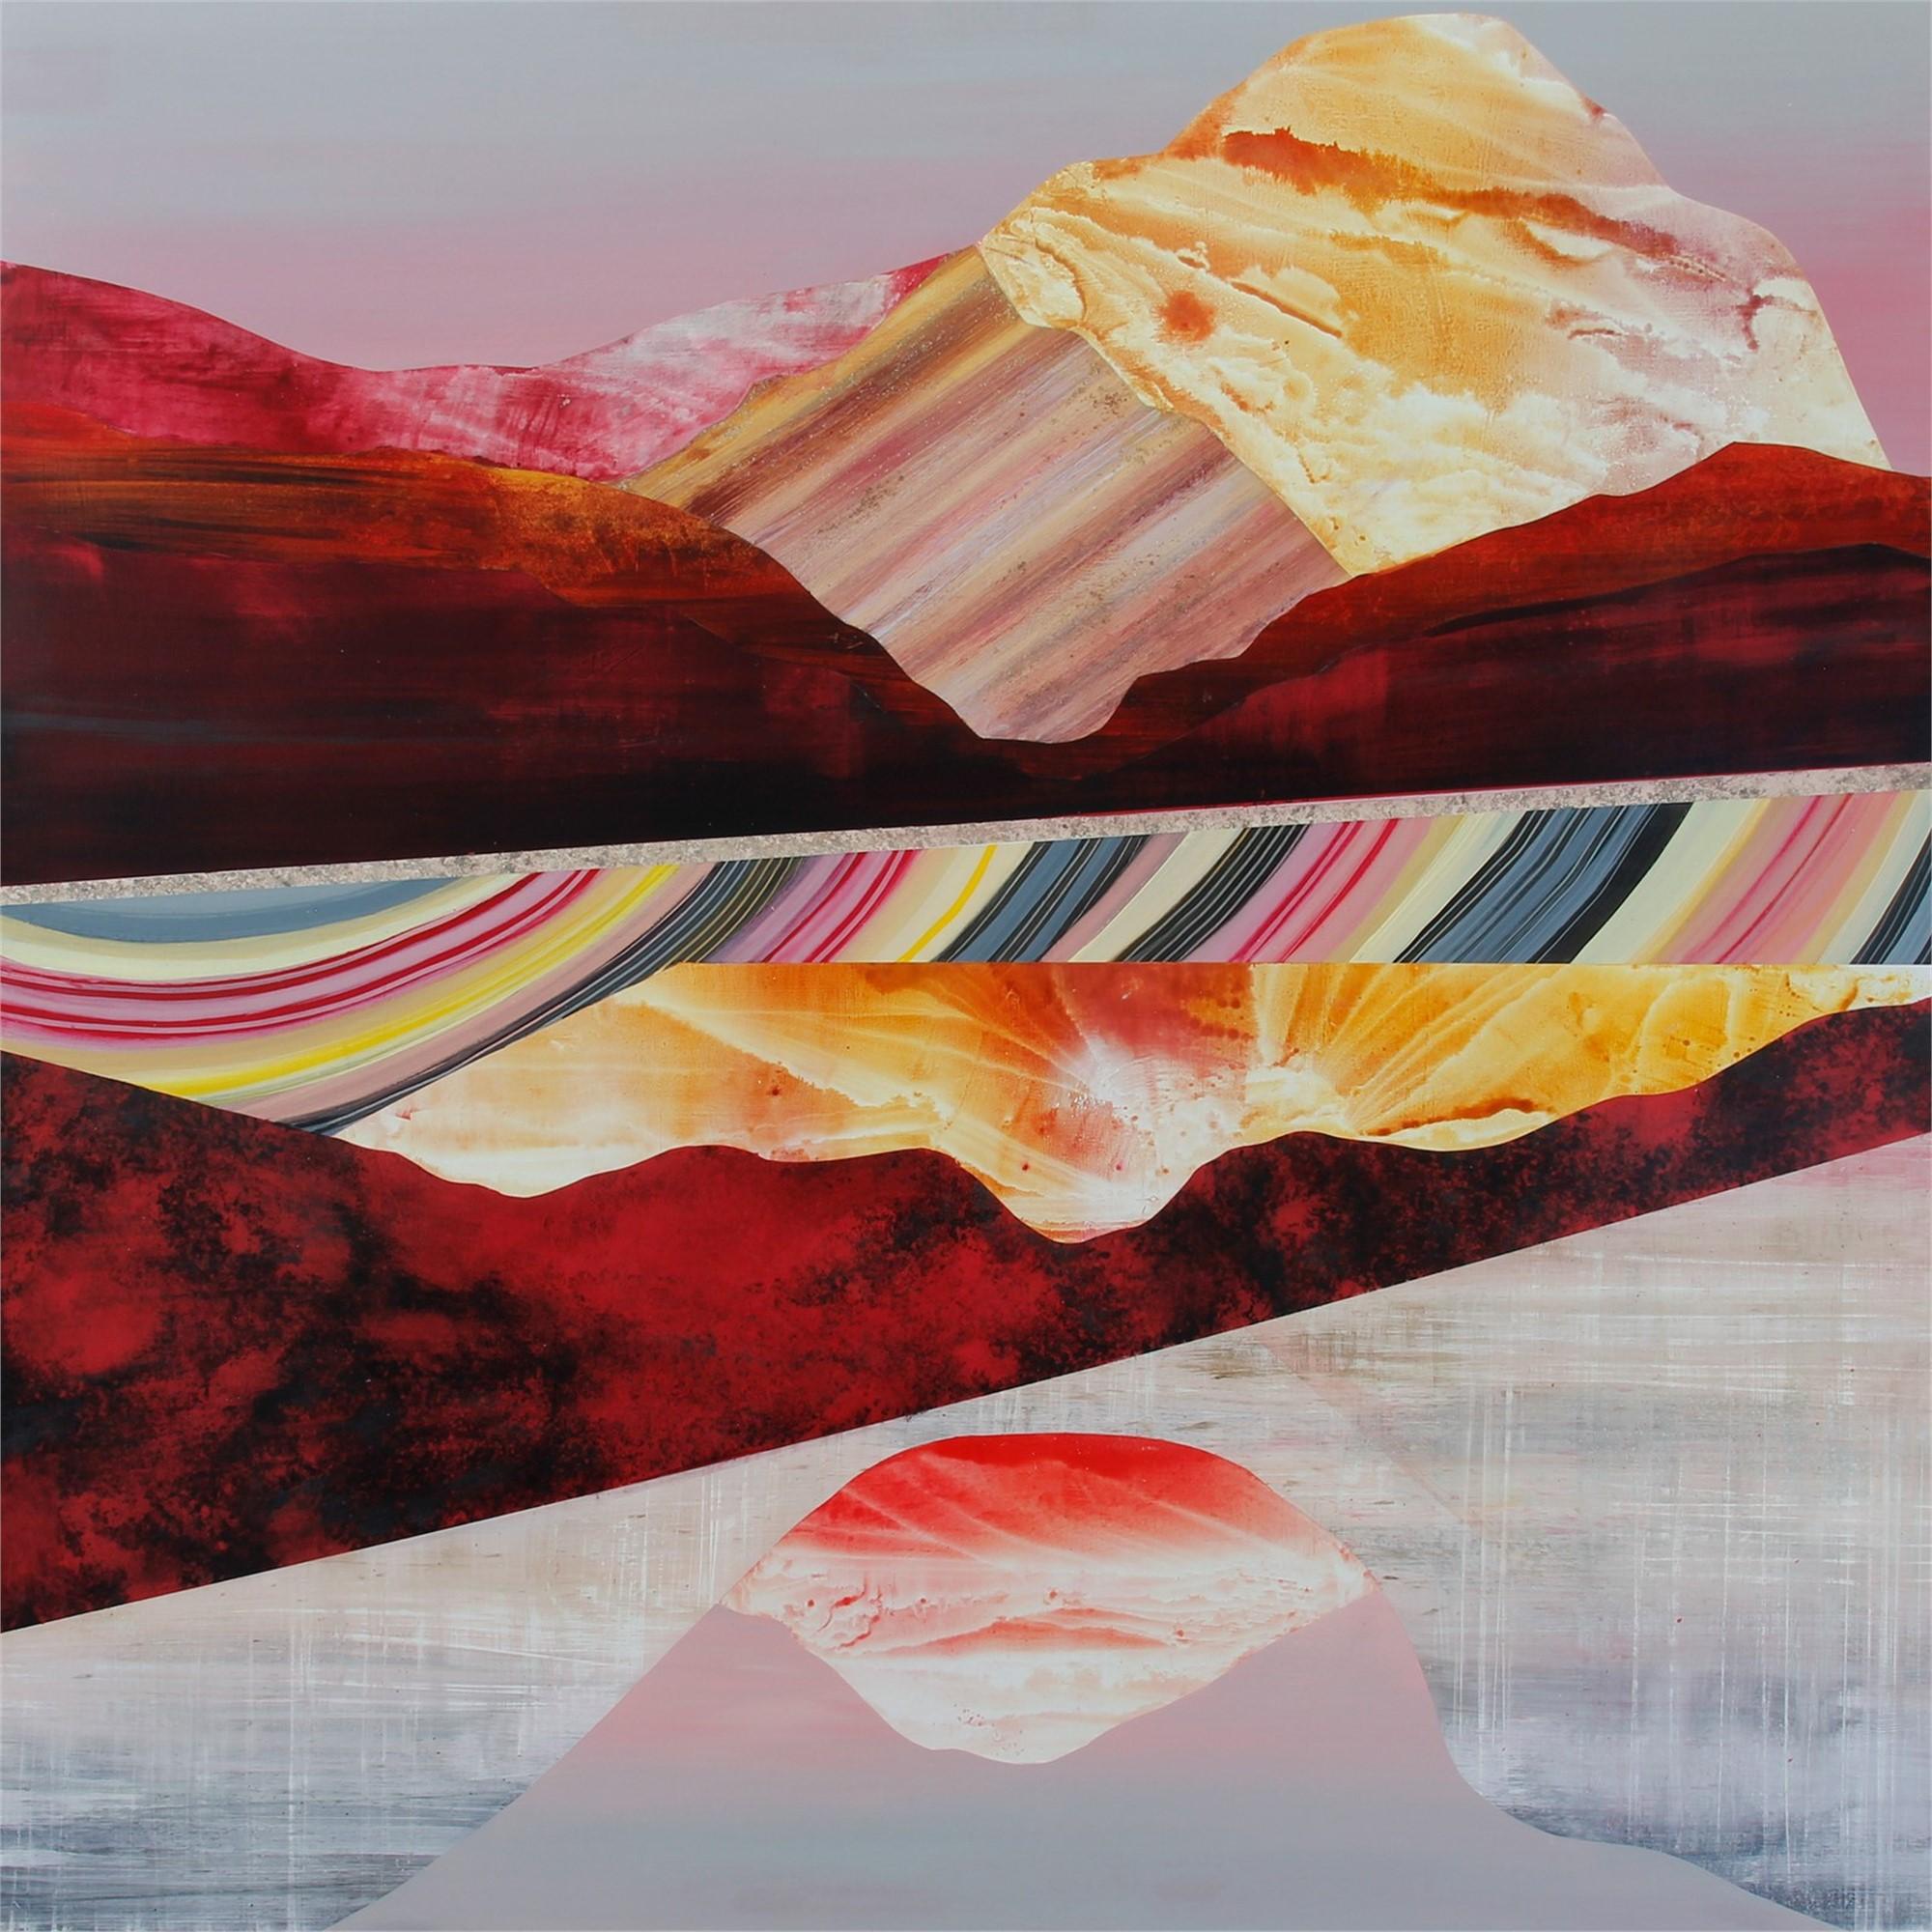 Pike's Peak by Sarah Winkler